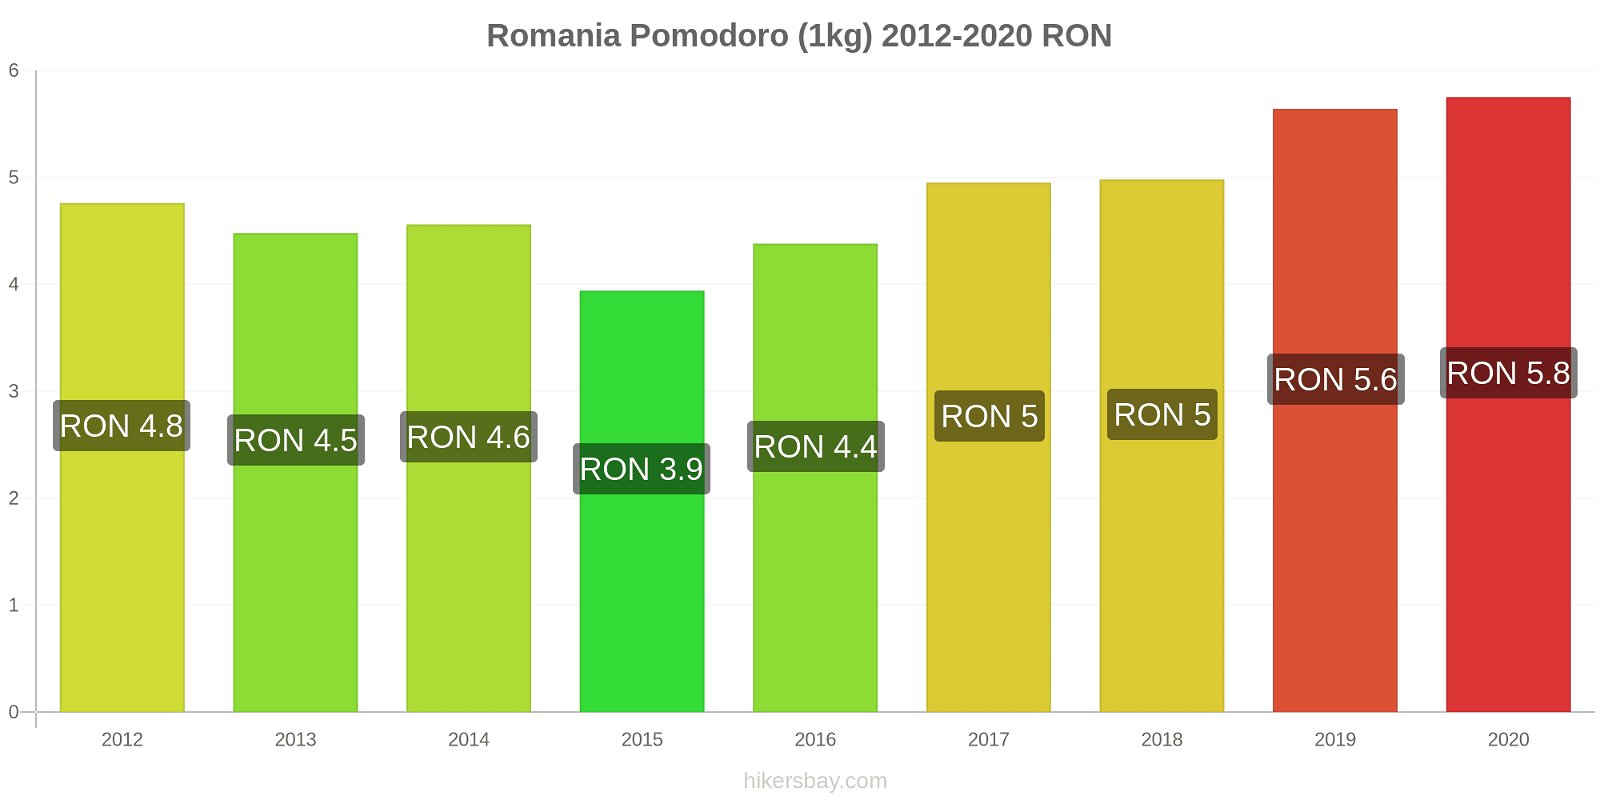 Romania variazioni di prezzo Pomodoro (1kg) hikersbay.com